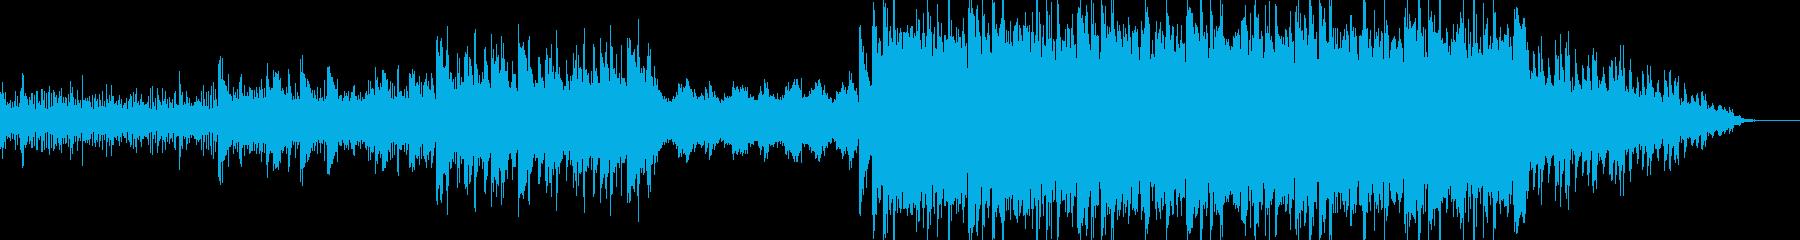 ほんのり和風なBGMの再生済みの波形